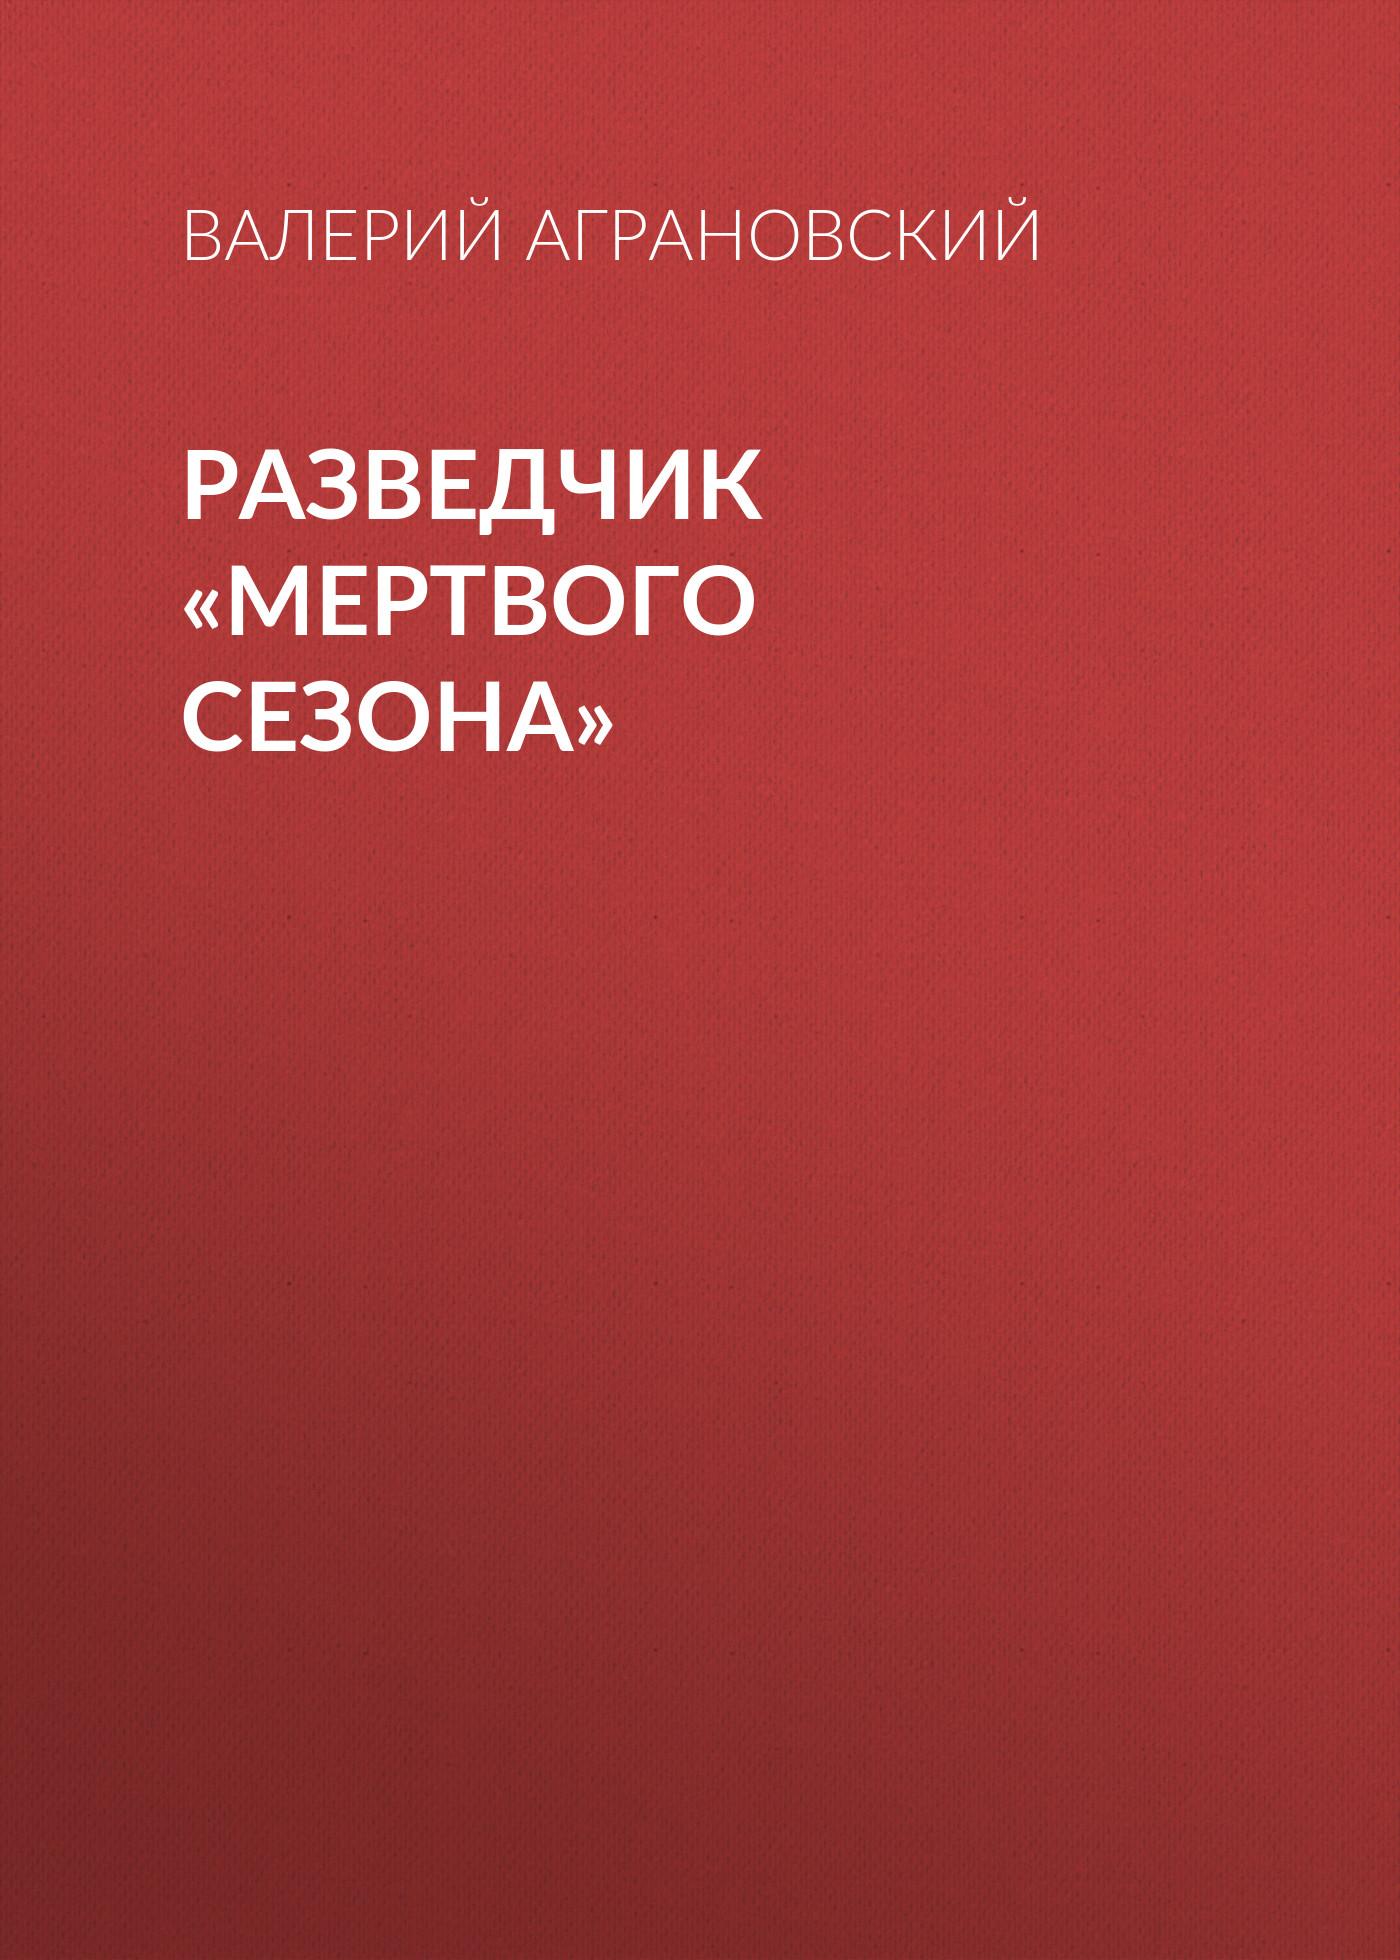 Валерий Аграновский «Разведчик «Мертвого сезона»»